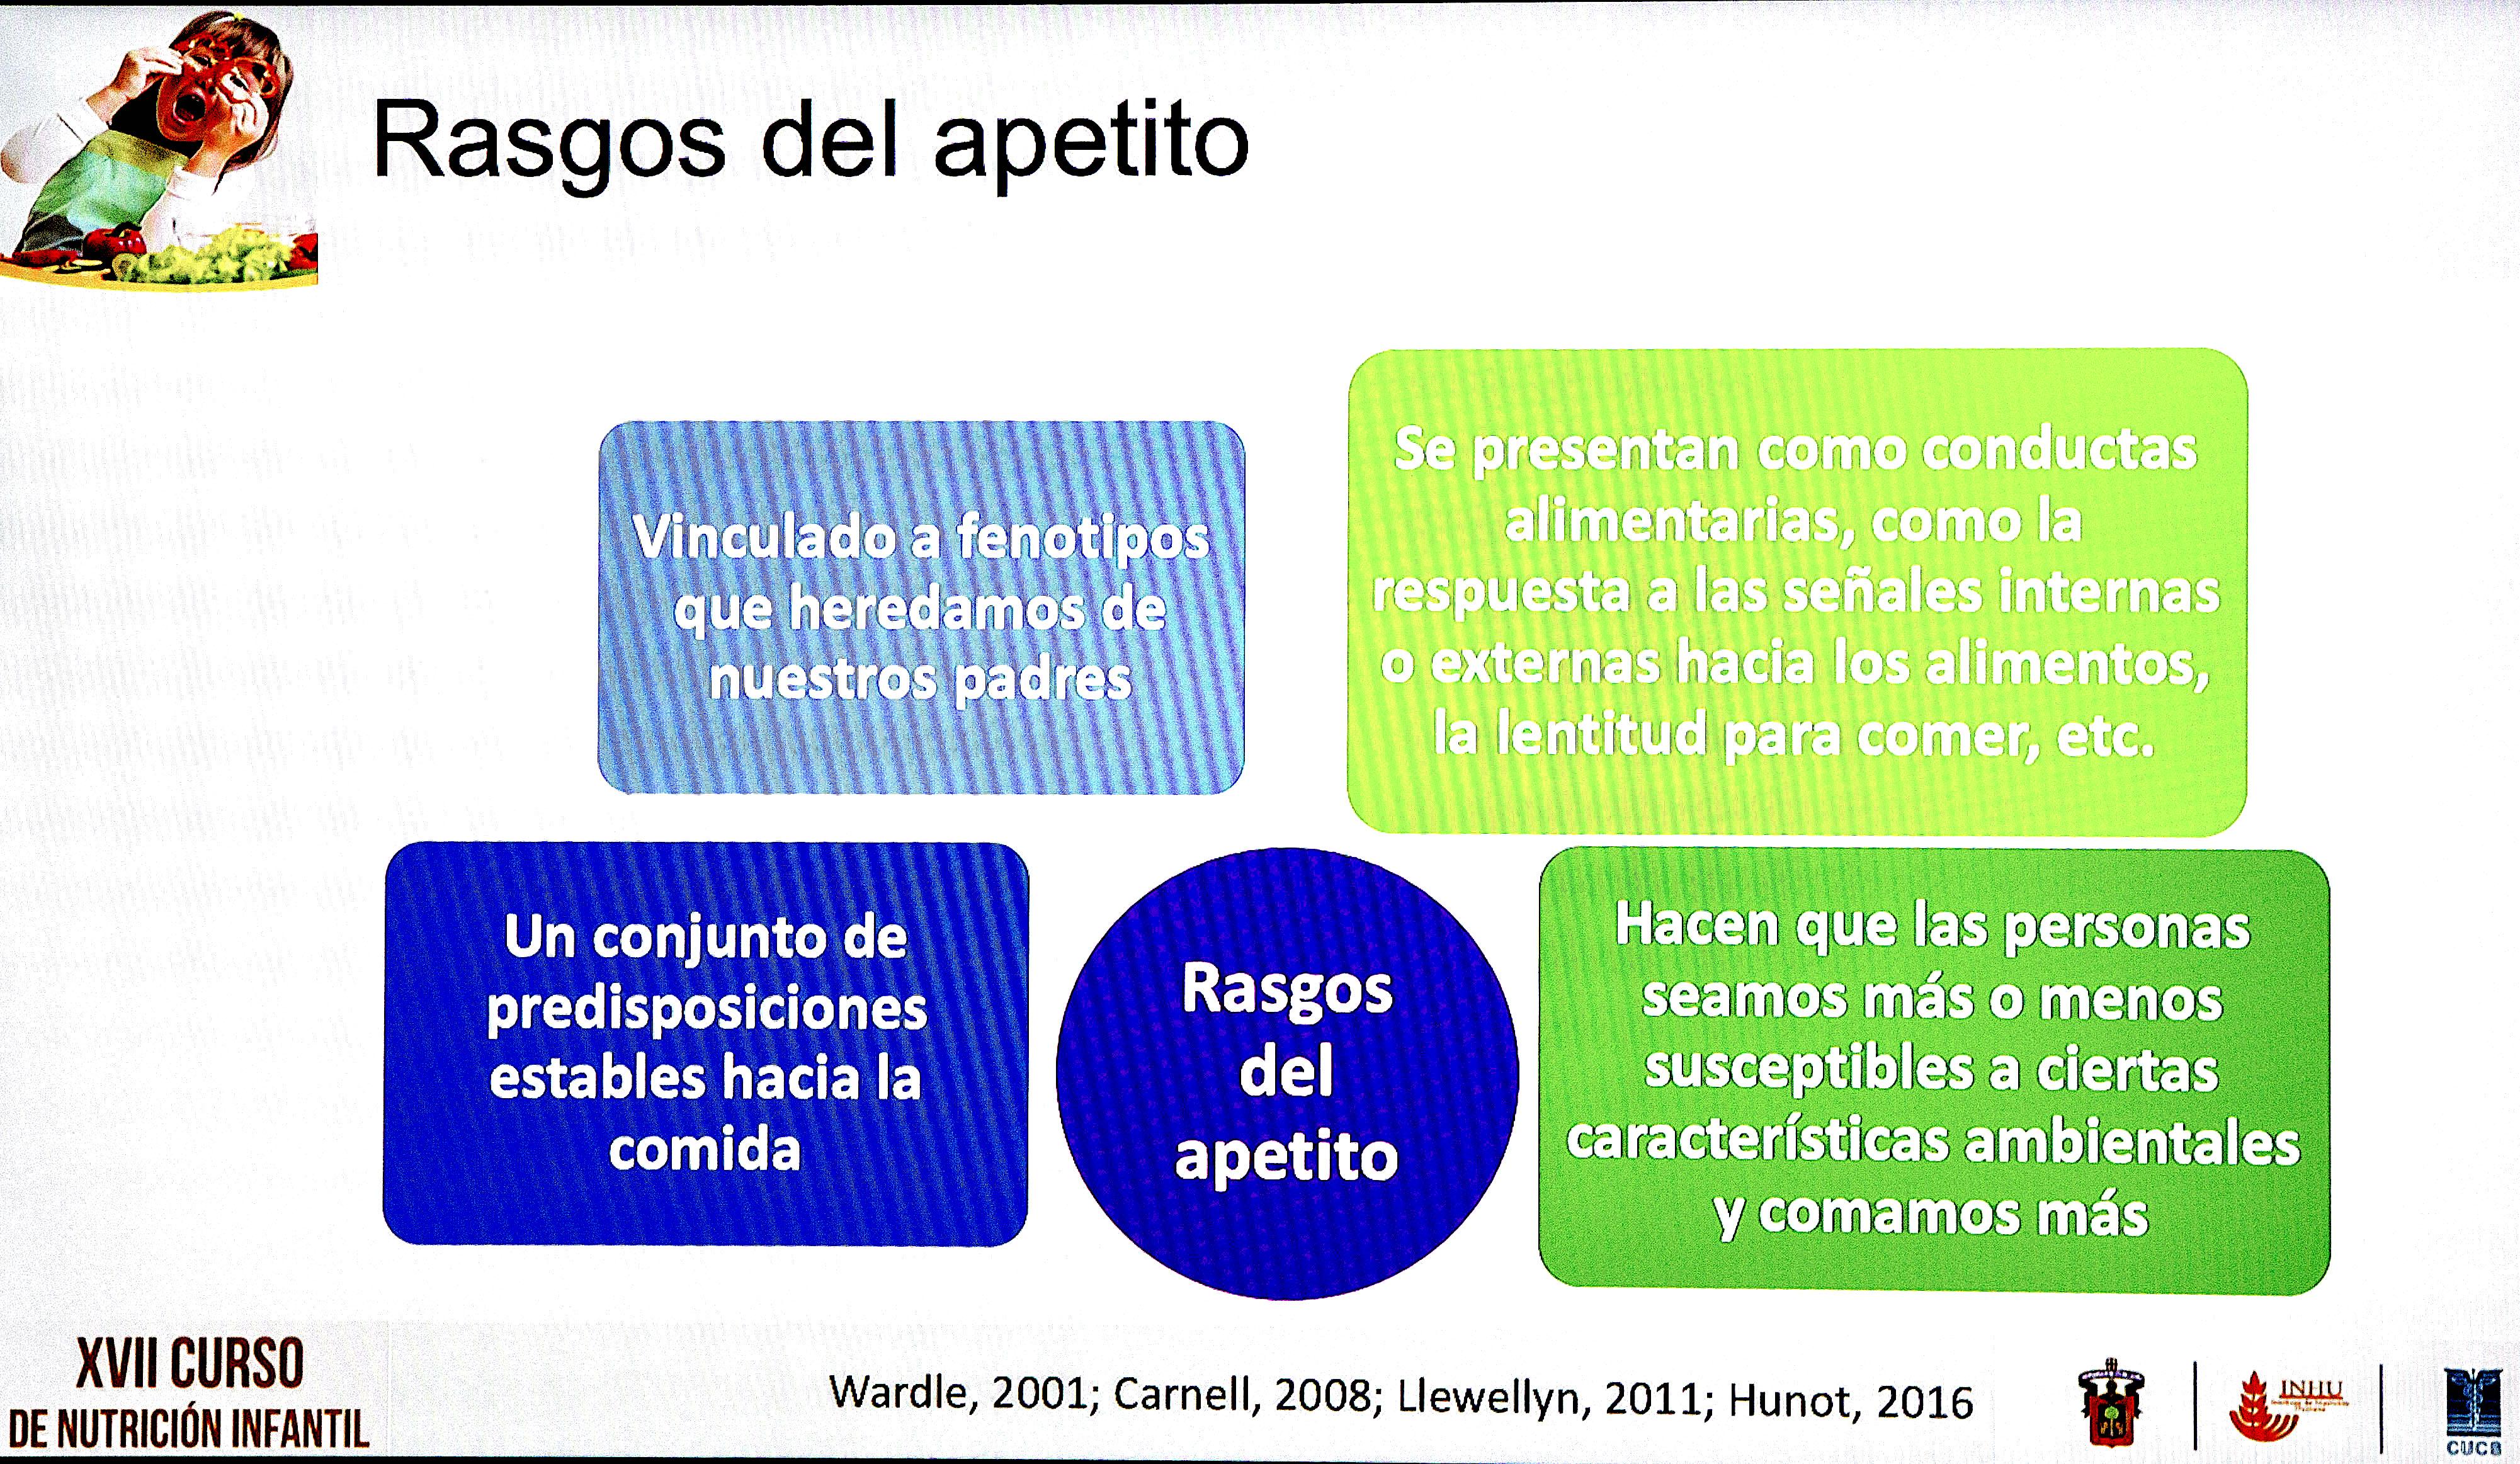 Diapositiva de la presentación sobre rasgos del apetito